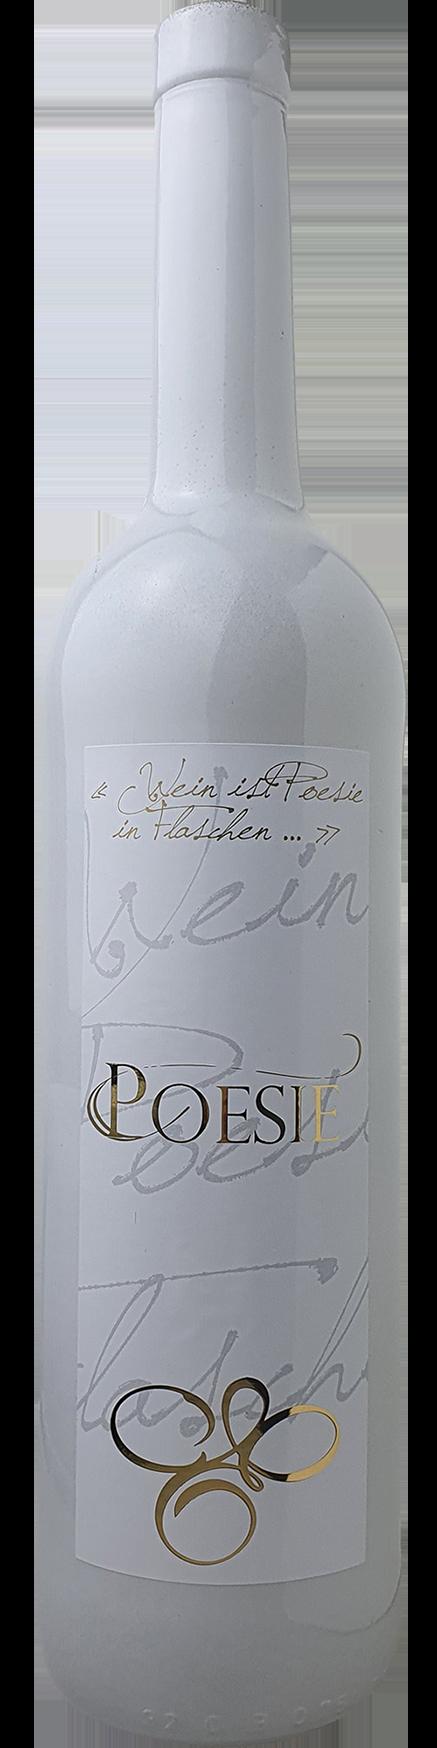 2019 Dienheimer Falkenberg